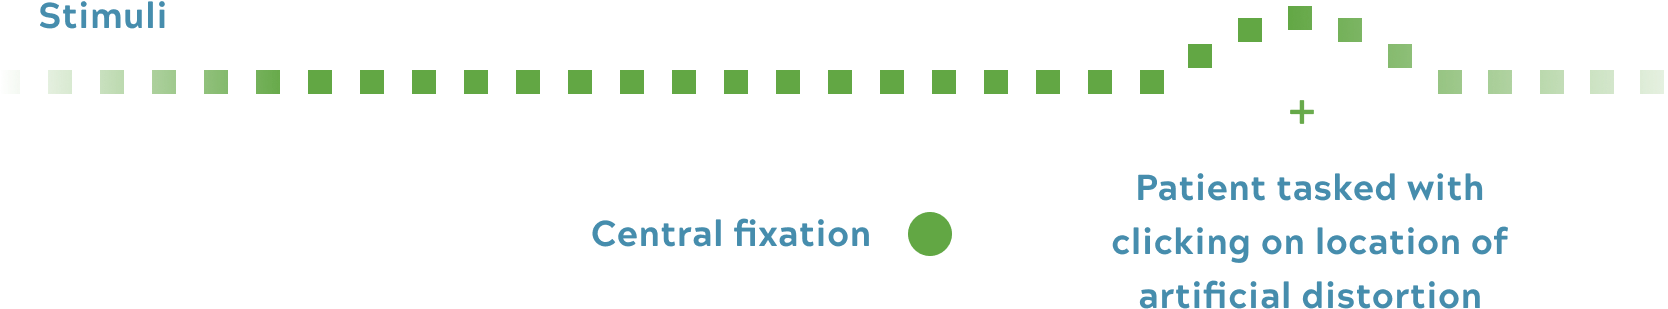 Testing central fixation illustration desktop